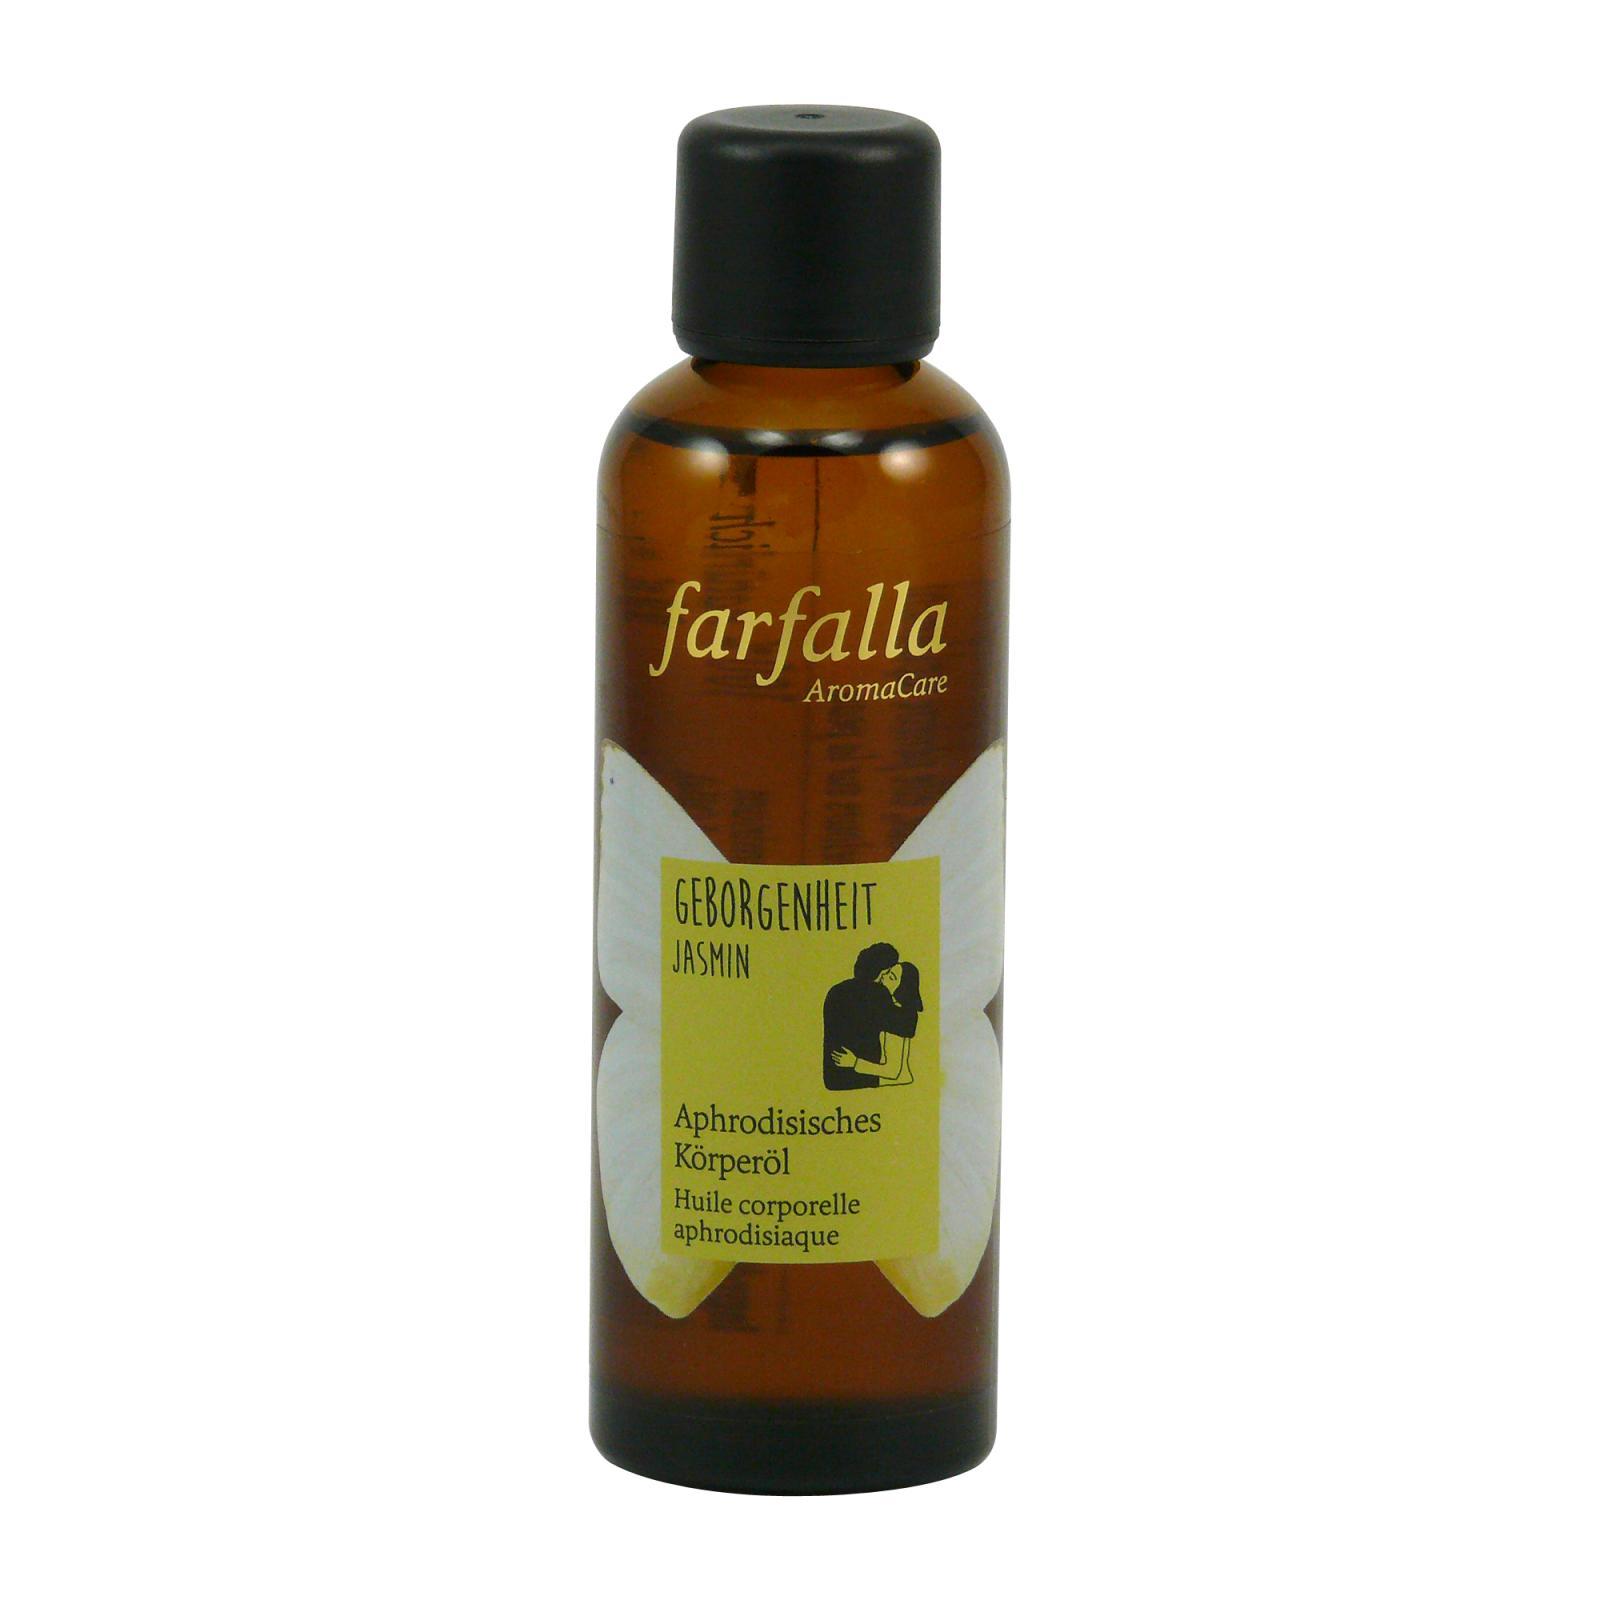 Farfalla Tělový olej Bezpečí, Jasmín 75 ml